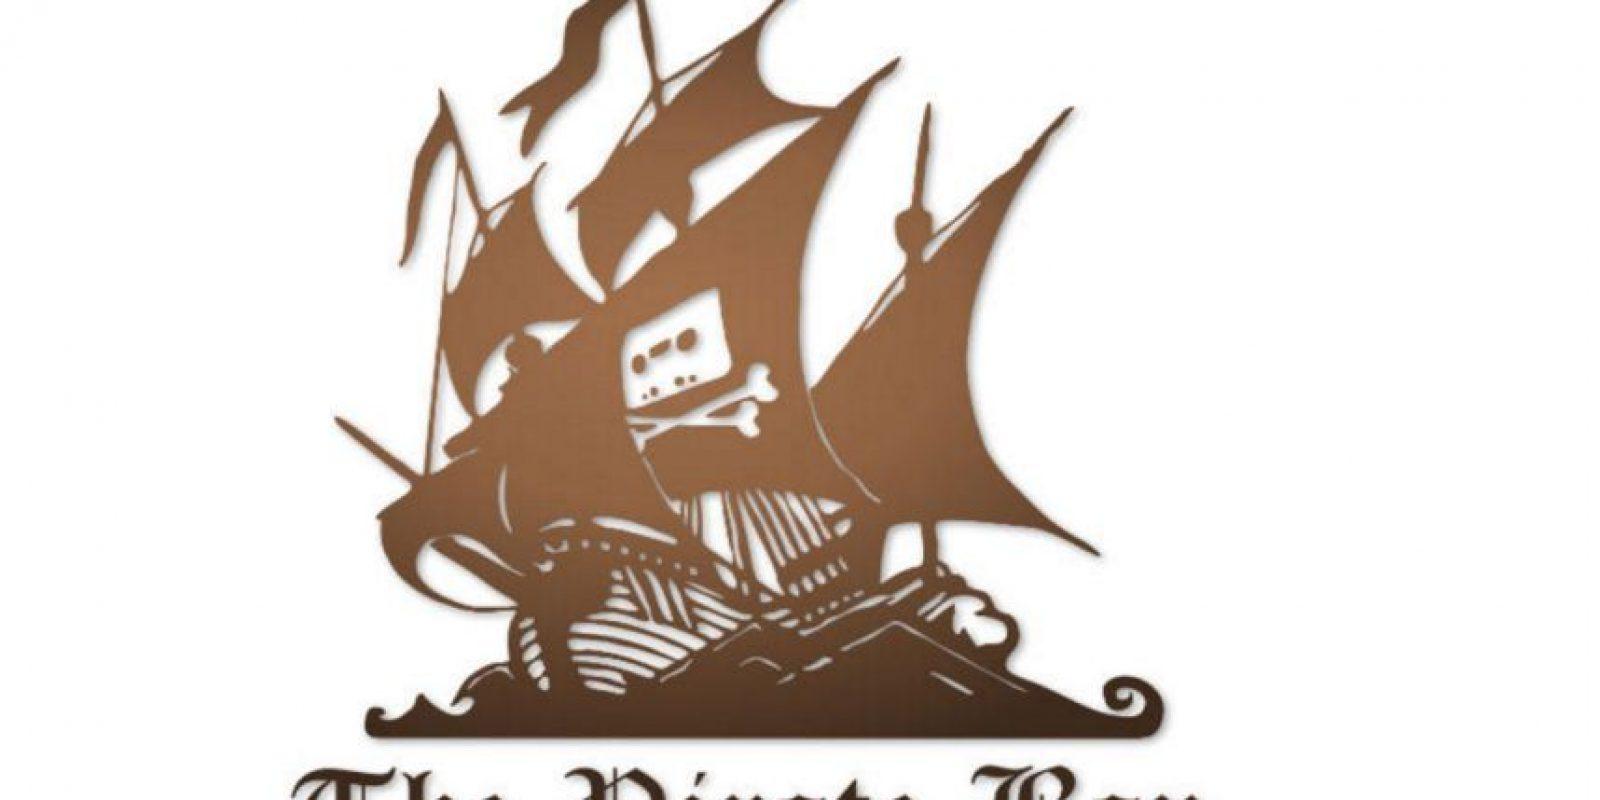 La mayoría de sus fundadores han estado o están en prisión. Foto:The Pirate Bay